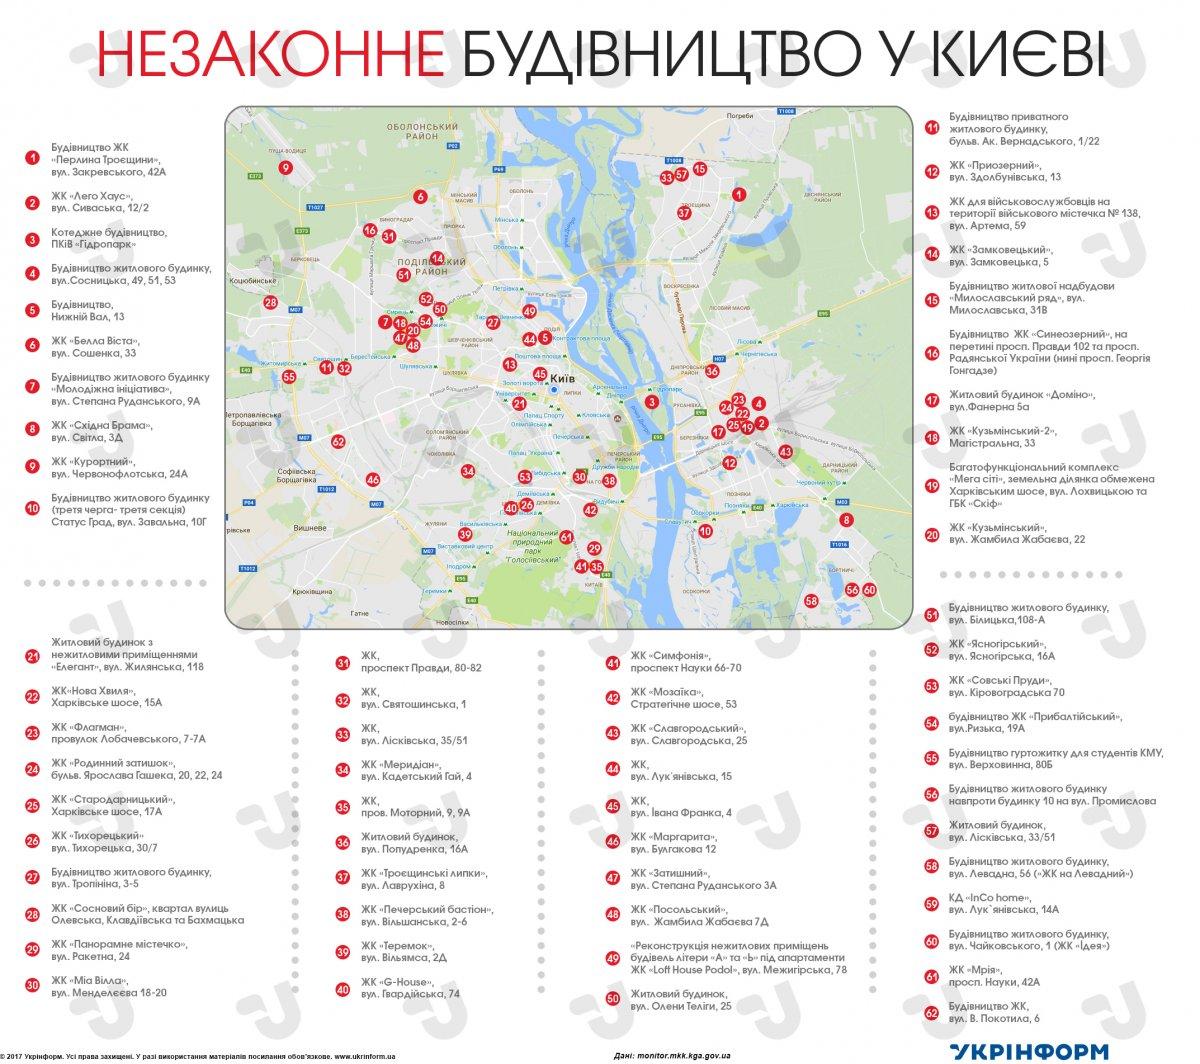 В Киеве незаконно строят 62 жилых дома: инфографика